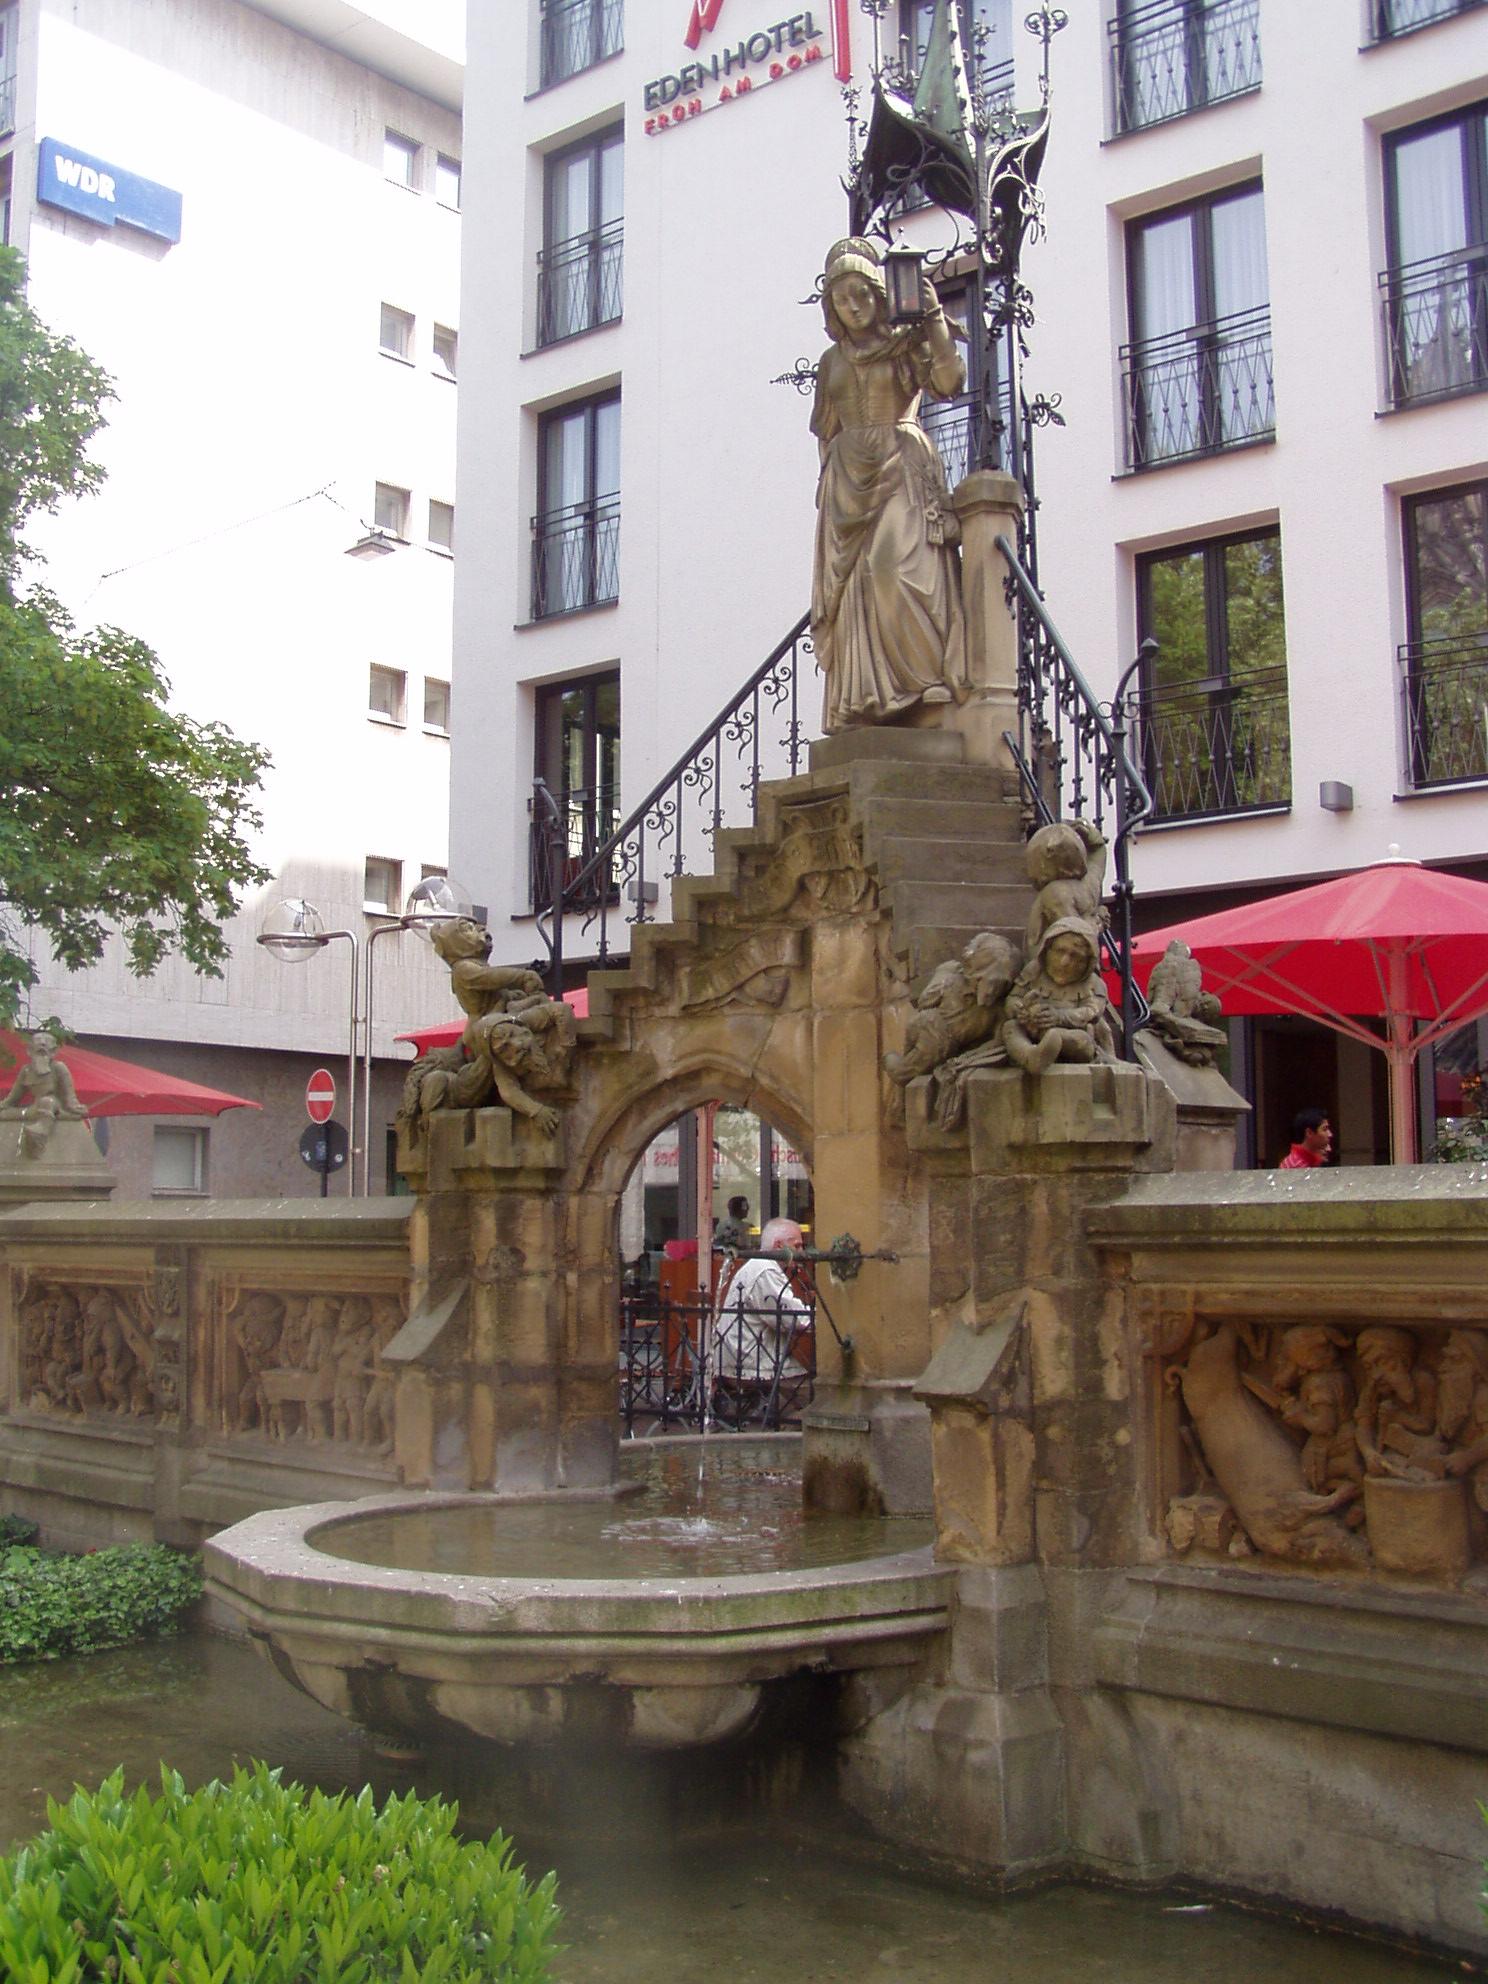 Der Heinzelmännchenbrunnen in der Kölner Altstadt